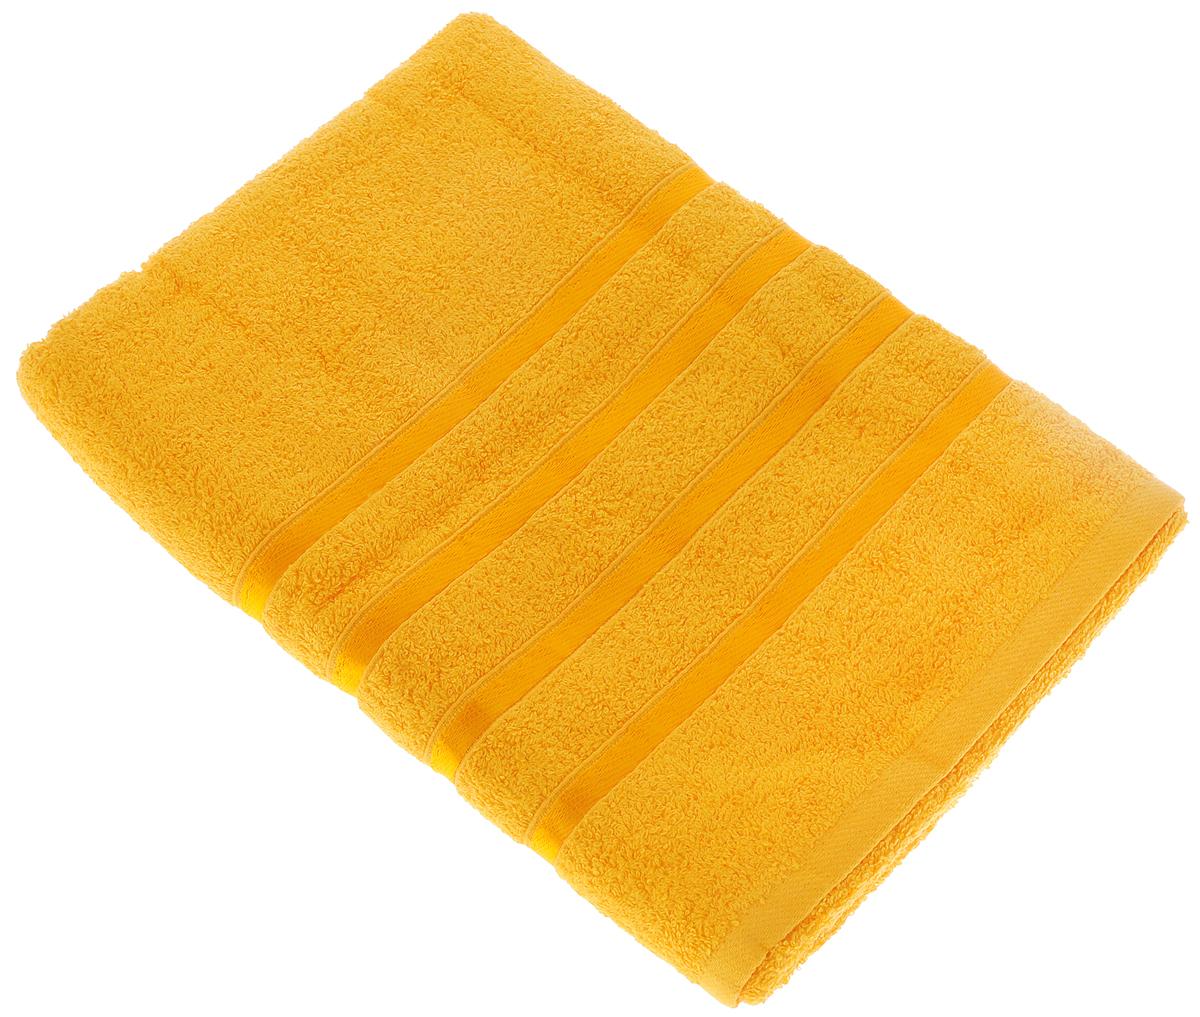 Полотенце Tete-a-Tete Ленты, цвет: ярко-желтый, 70 х 135 см10503Полотенце Tete-a-Tete Ленты выполнено из натуральной махровой ткани (100% хлопок). Изделие отлично впитывает влагу, быстро сохнет, сохраняет яркость цвета и не теряет форму даже после многократных стирок. Полотенце очень практично и неприхотливо в уходе. Оно станет достойным выбором для вас и приятным подарком для ваших близких.